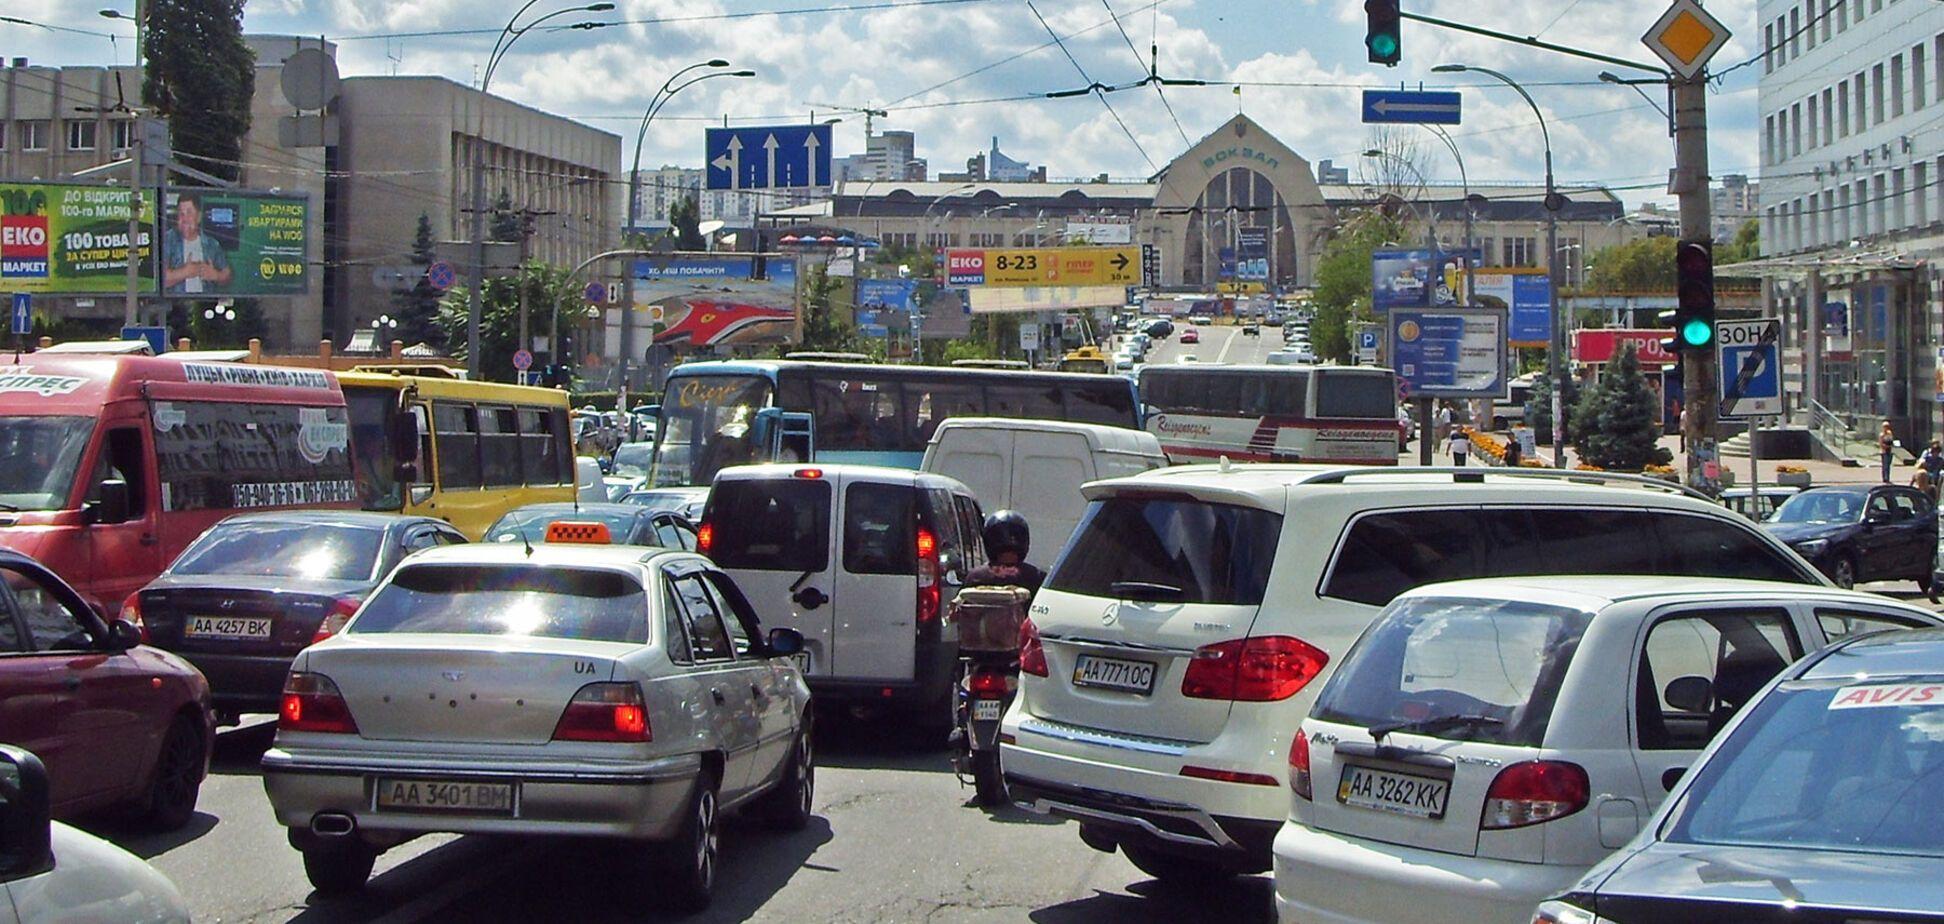 Стоп, автохамство: як в Україні вирішили боротися з героями парковок